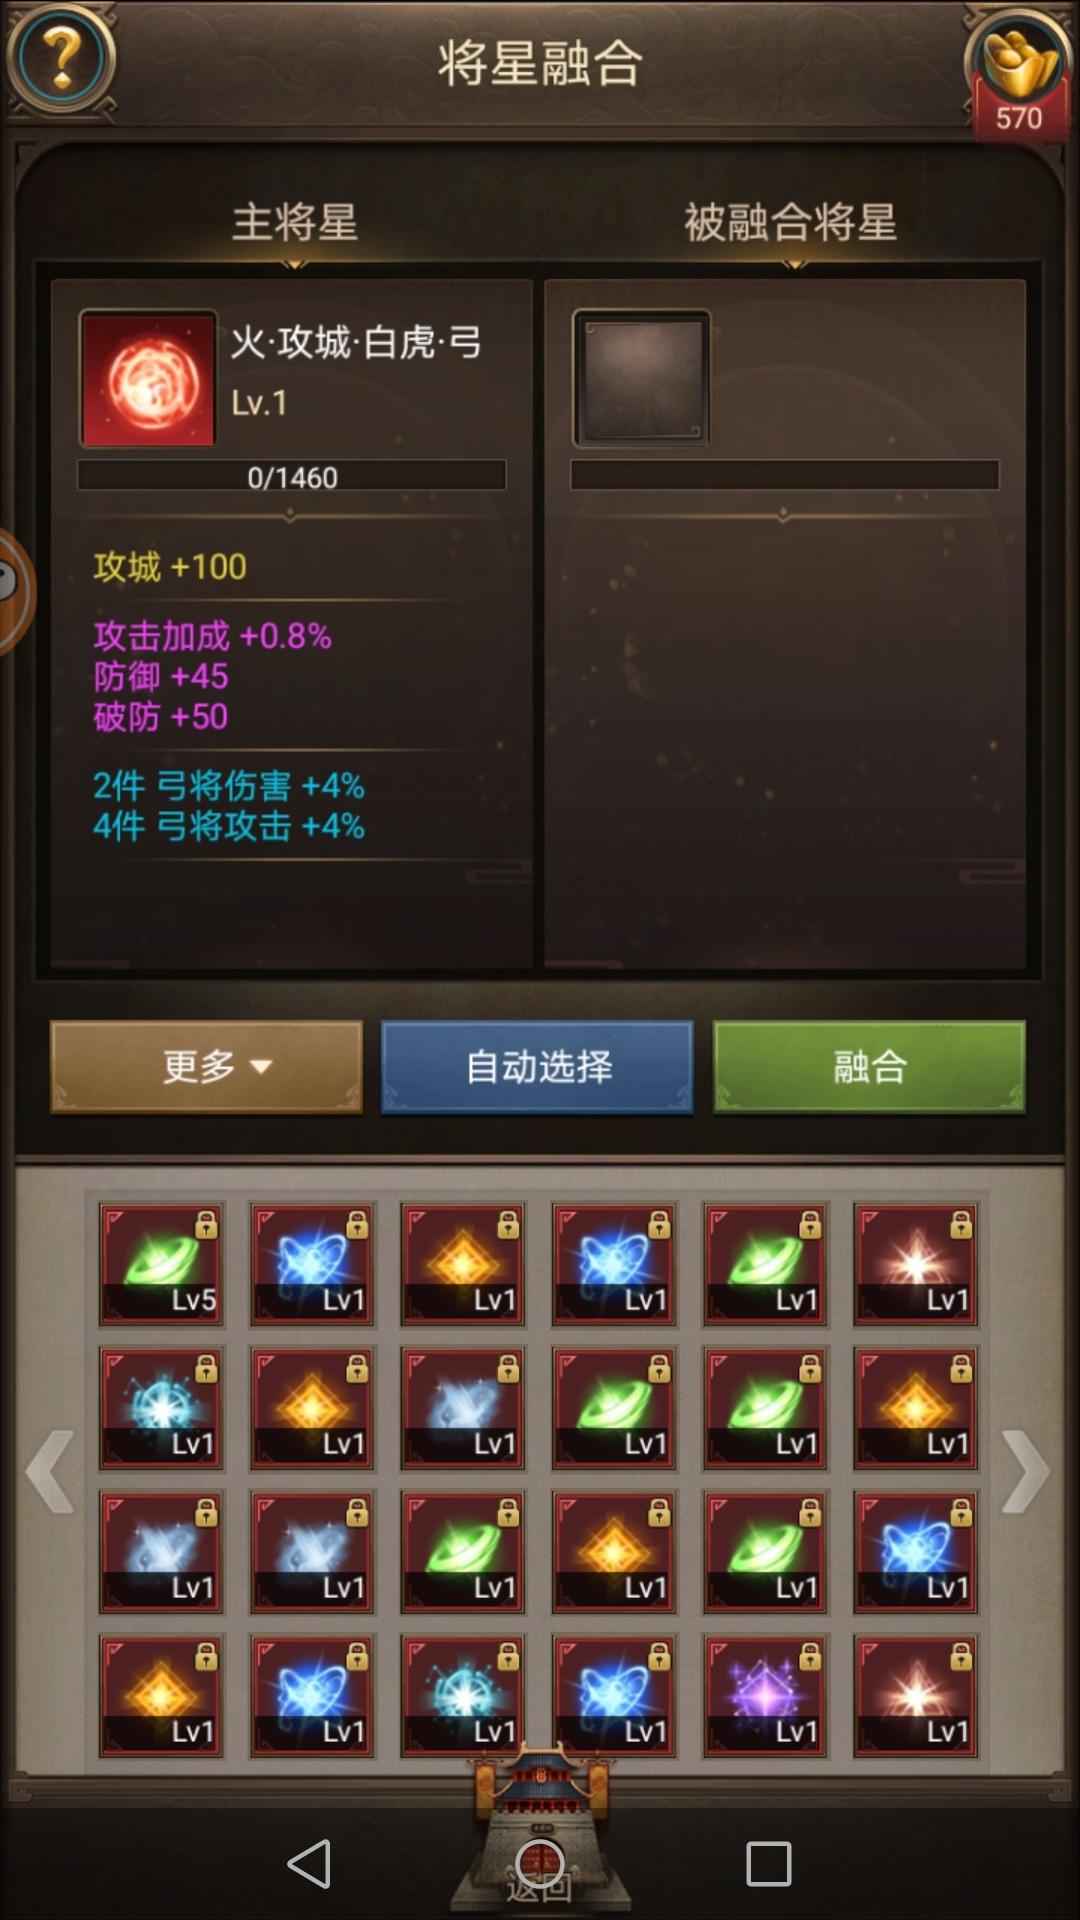 Screenshot_20200125_103203_com.zhzz10.zt.sm.jpg